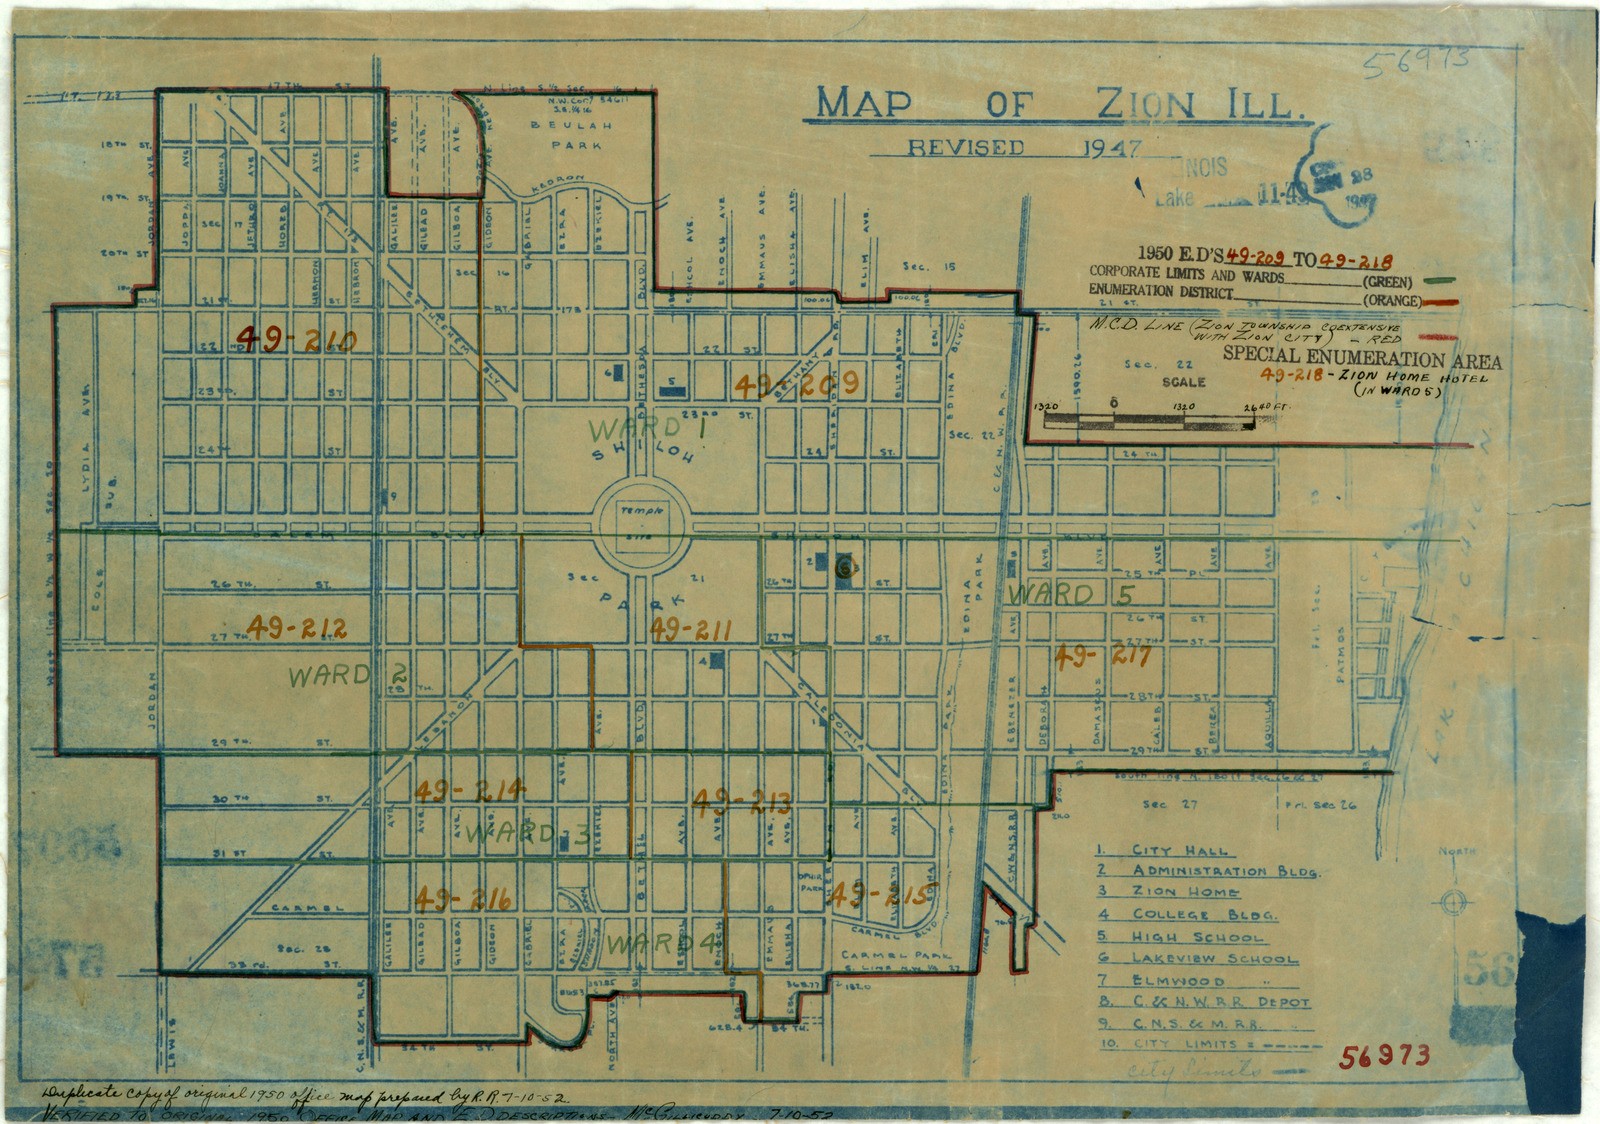 1950 Census Enumeration District Maps - Illinois (IL) - Lake County - Zion - ED 49-209 to 218